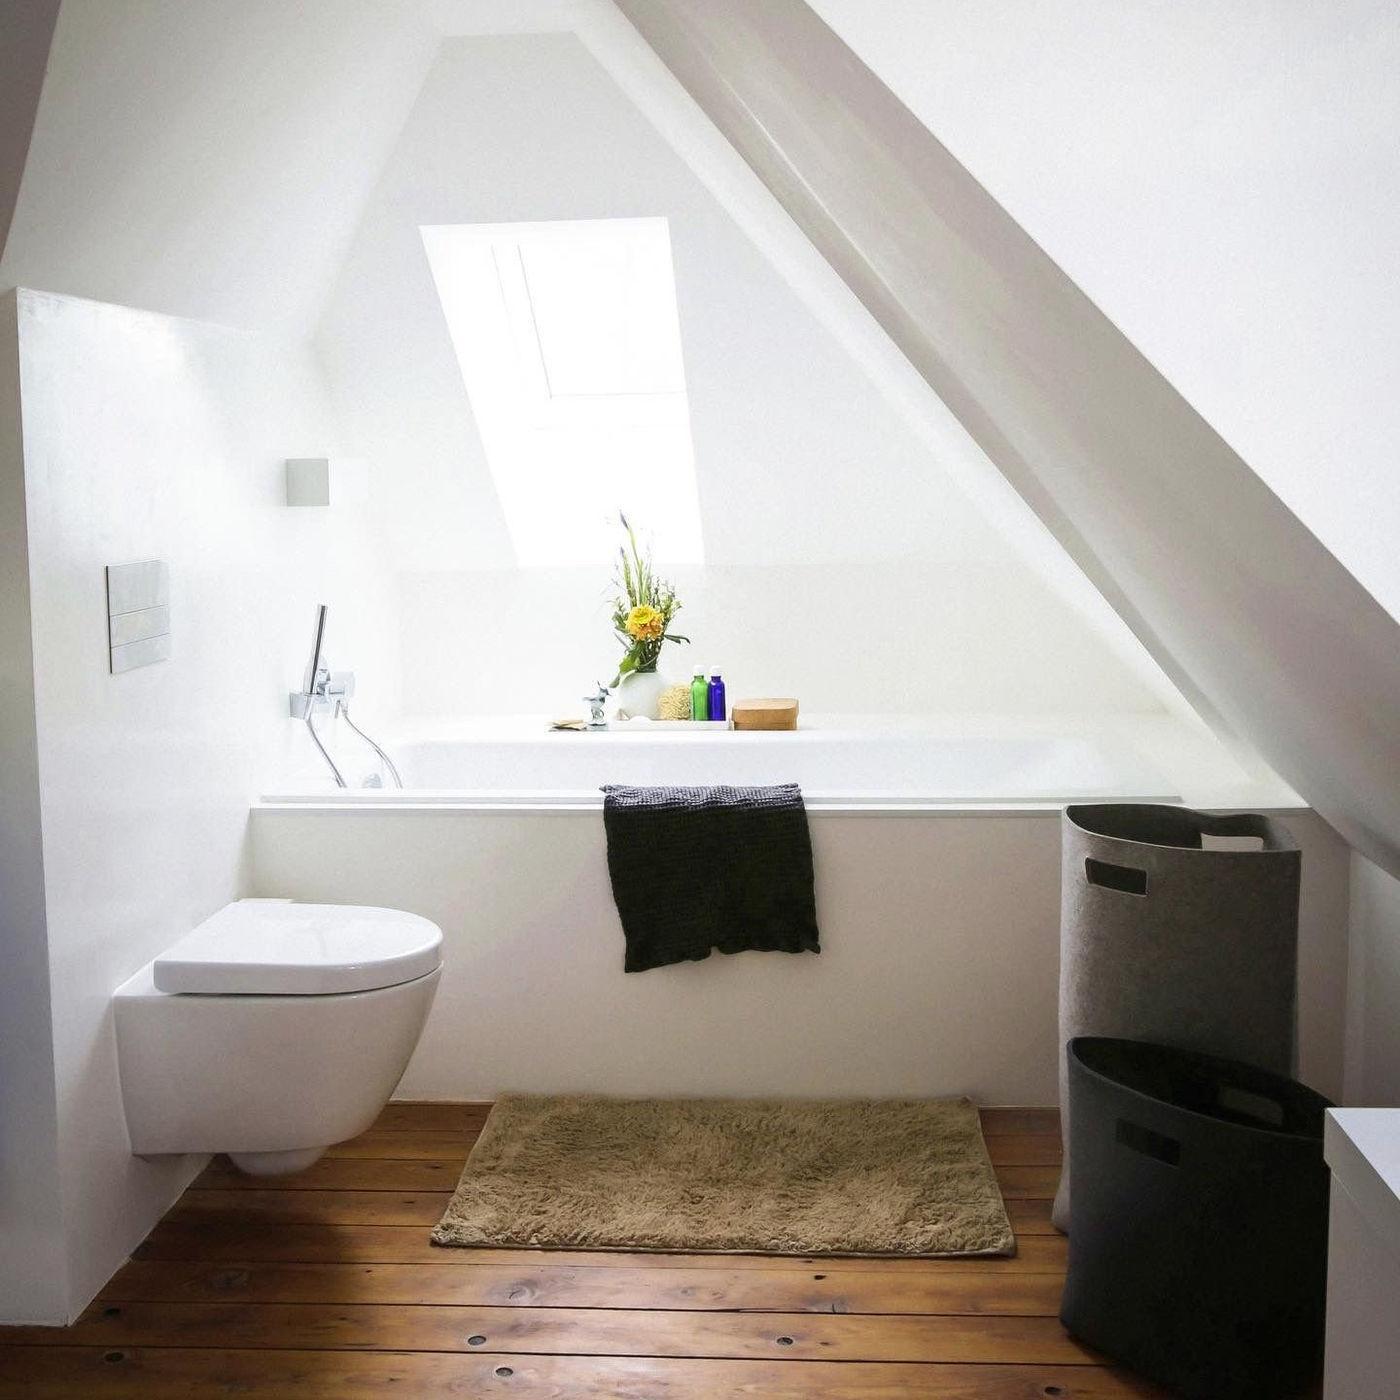 Holz Badezimmer Gestaltungsideen